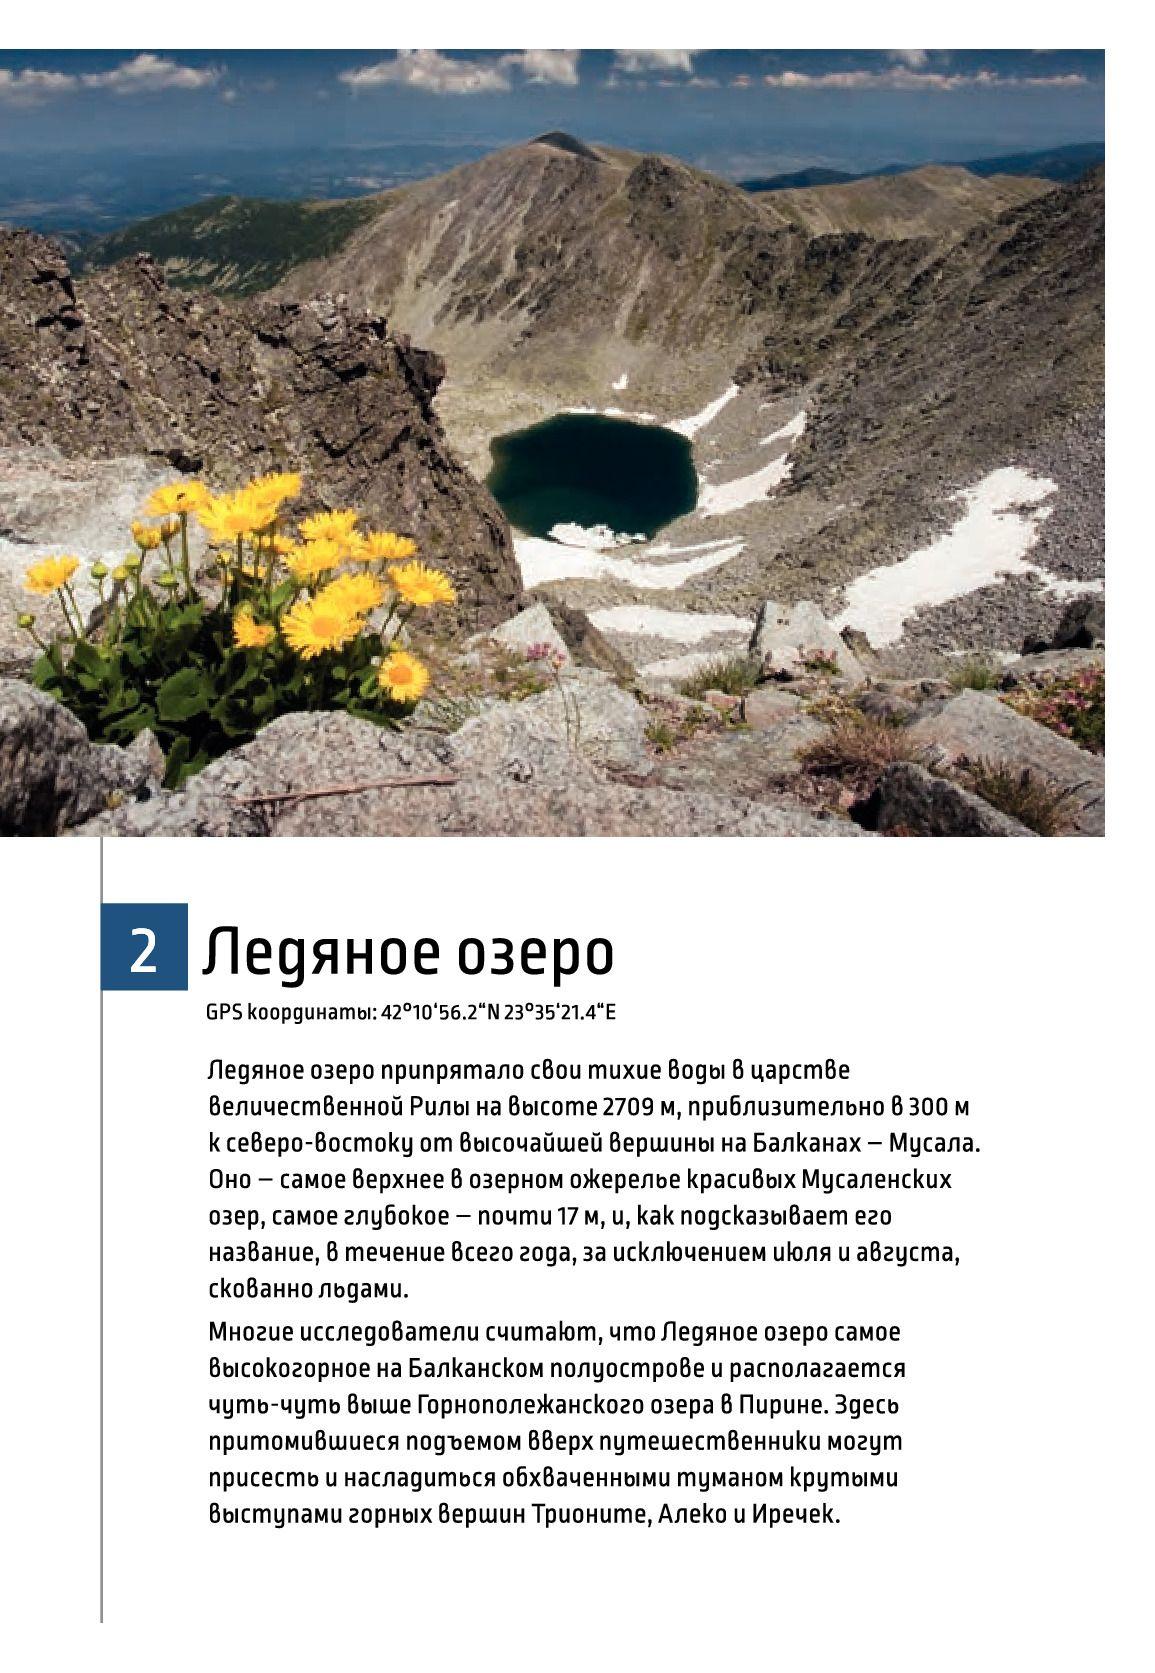 51 сказочный высокогорный уголок Болгарии (+ GPS координаты) - 3